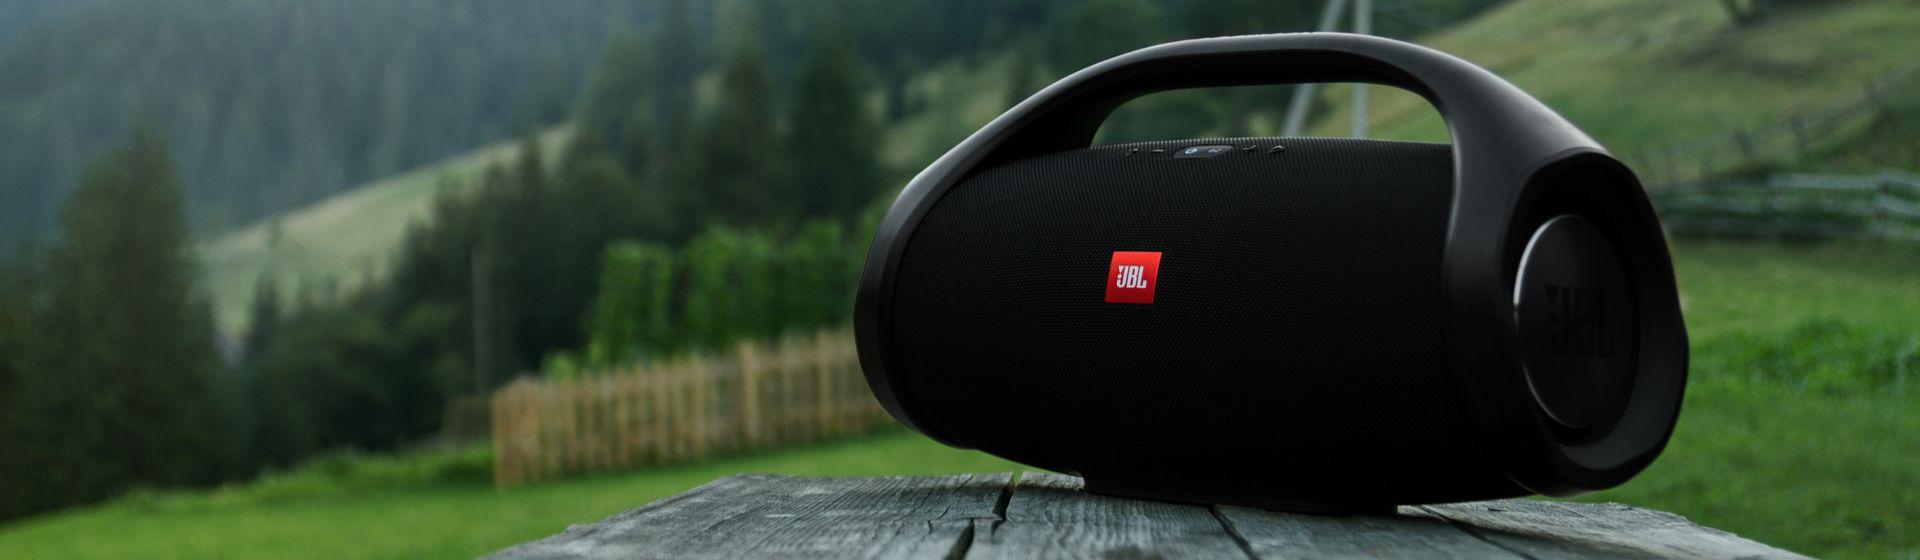 Veja as caixas de som Bluetooth mais vendidas do Zoom